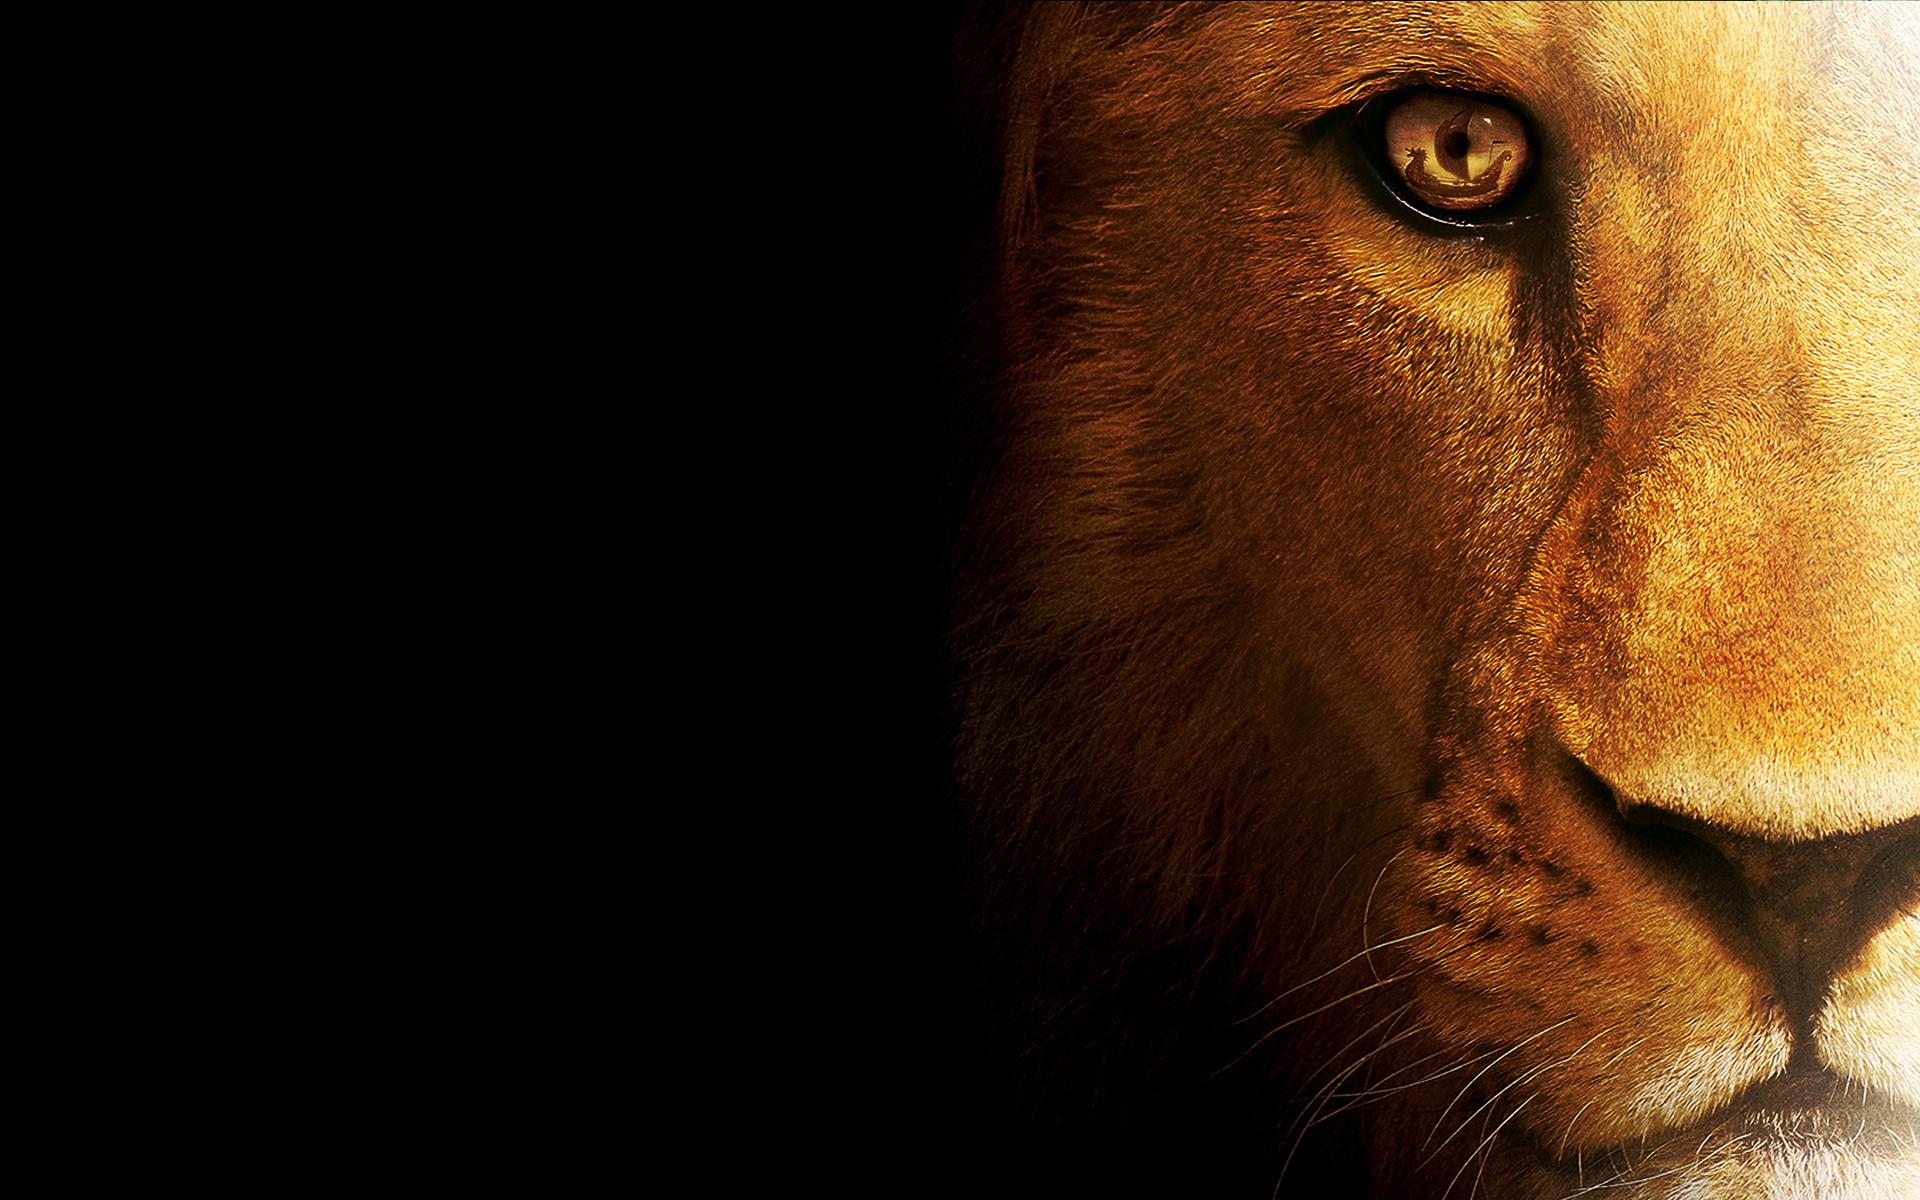 Lion Wallpaper 6